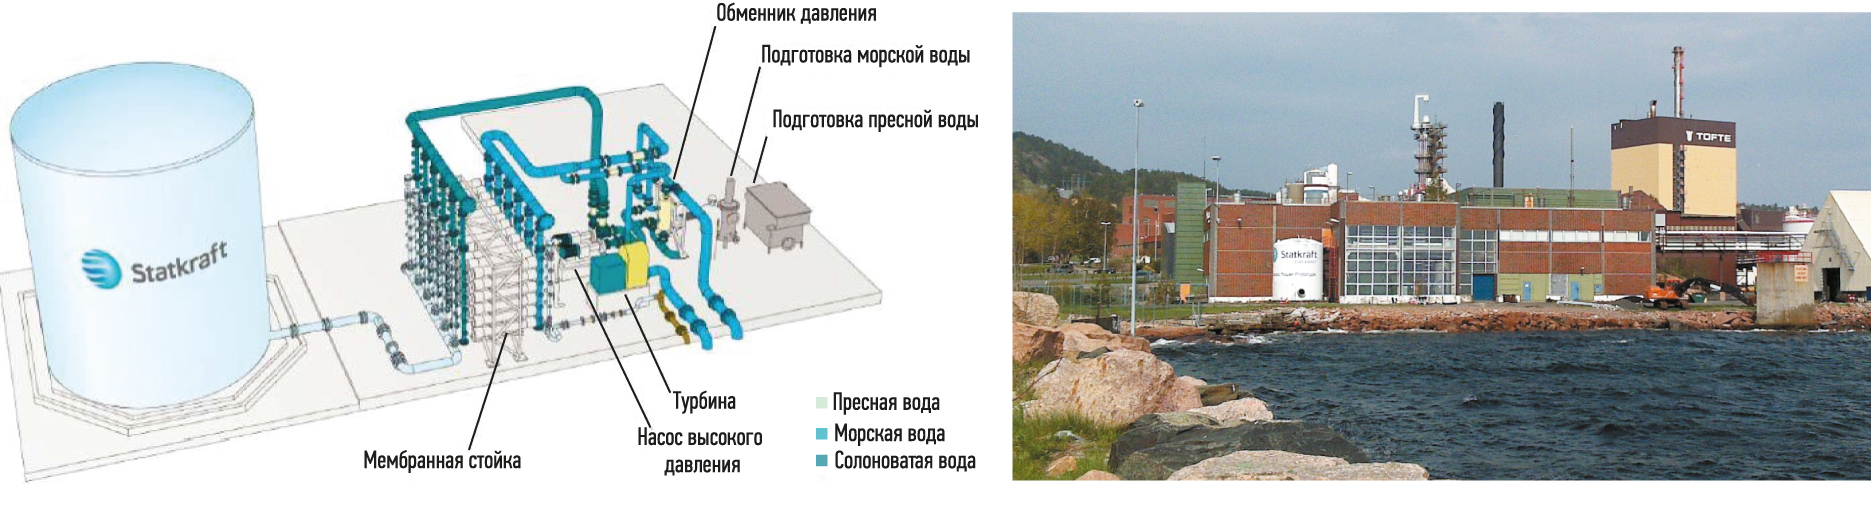 Осмотическая электростанция компании Statkraft